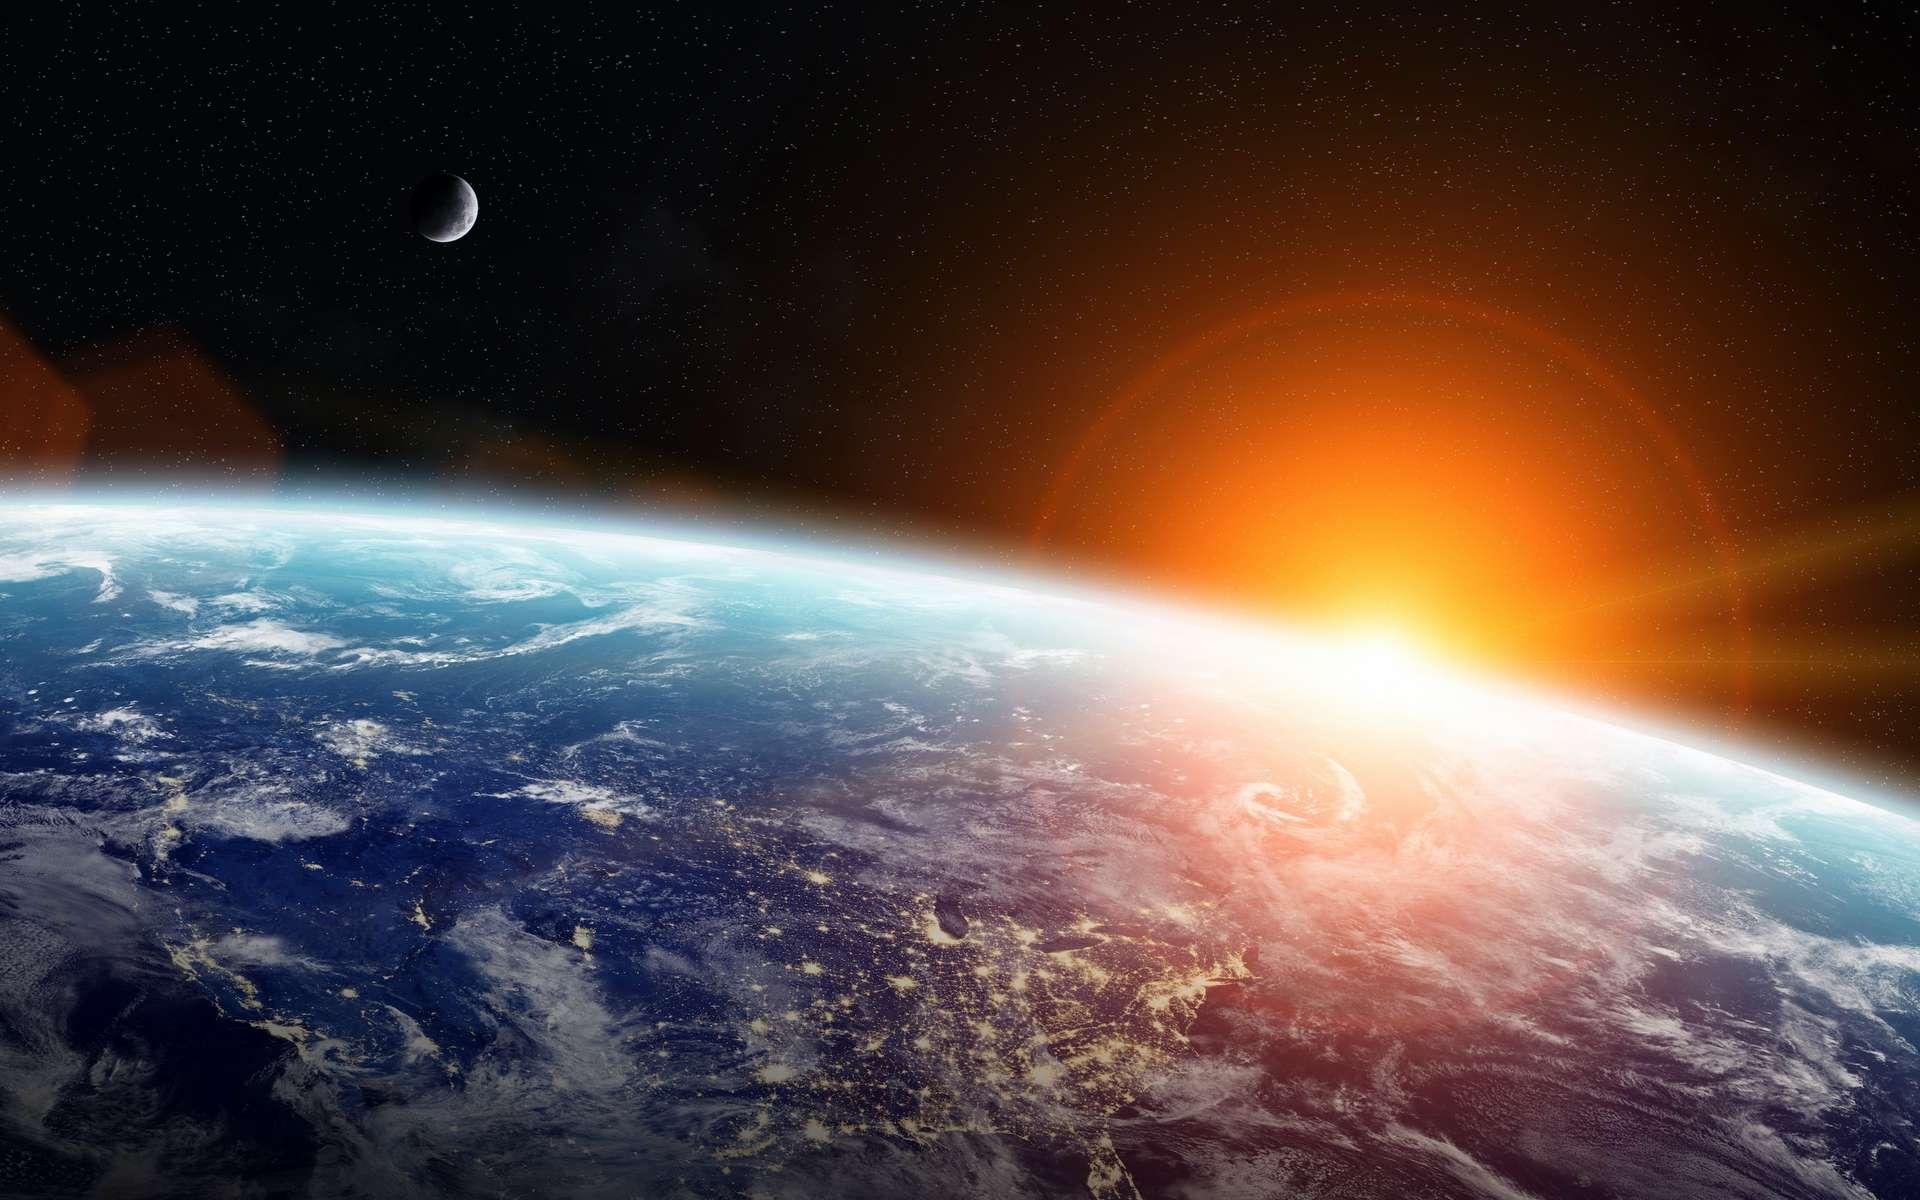 La Terre ne s'est pas réchauffée aussi vite depuis des dizaines de millions d'années. En cause : les activités humaines ! © sdecoret, Adobe Stock